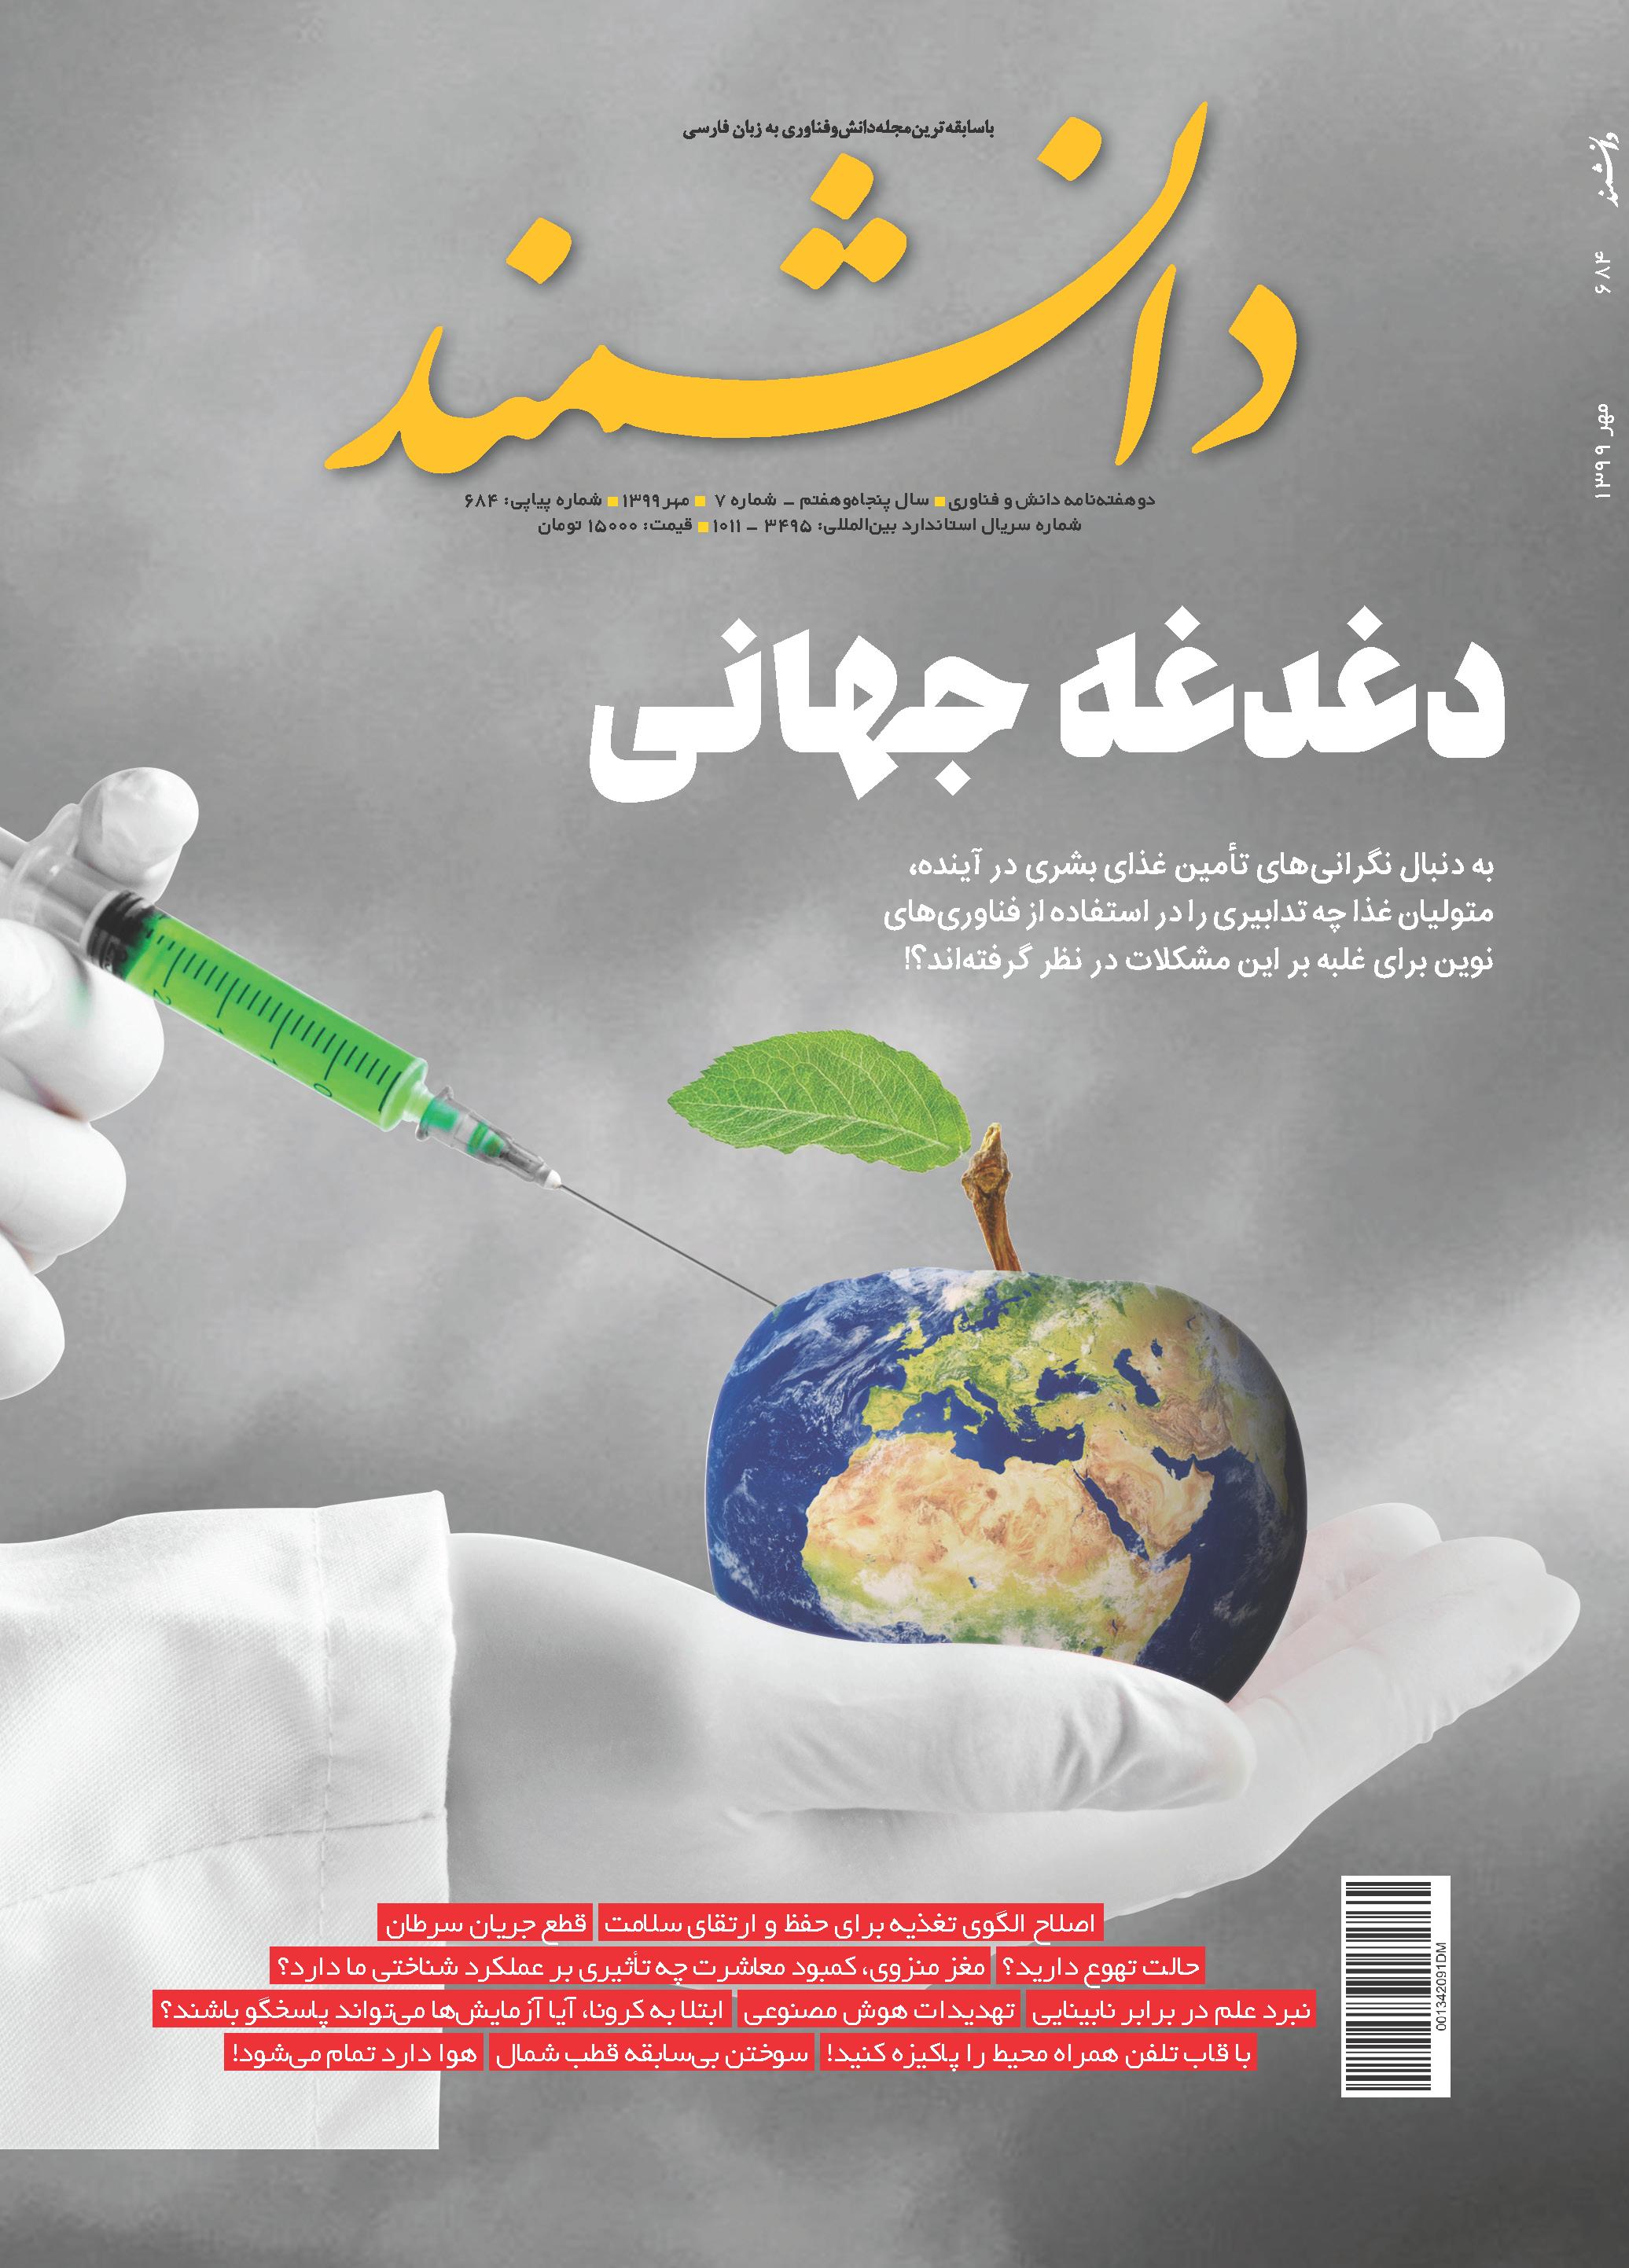 دغدغه جهانی؛ شماره مهر99 مجله دانشمند منتشر شد